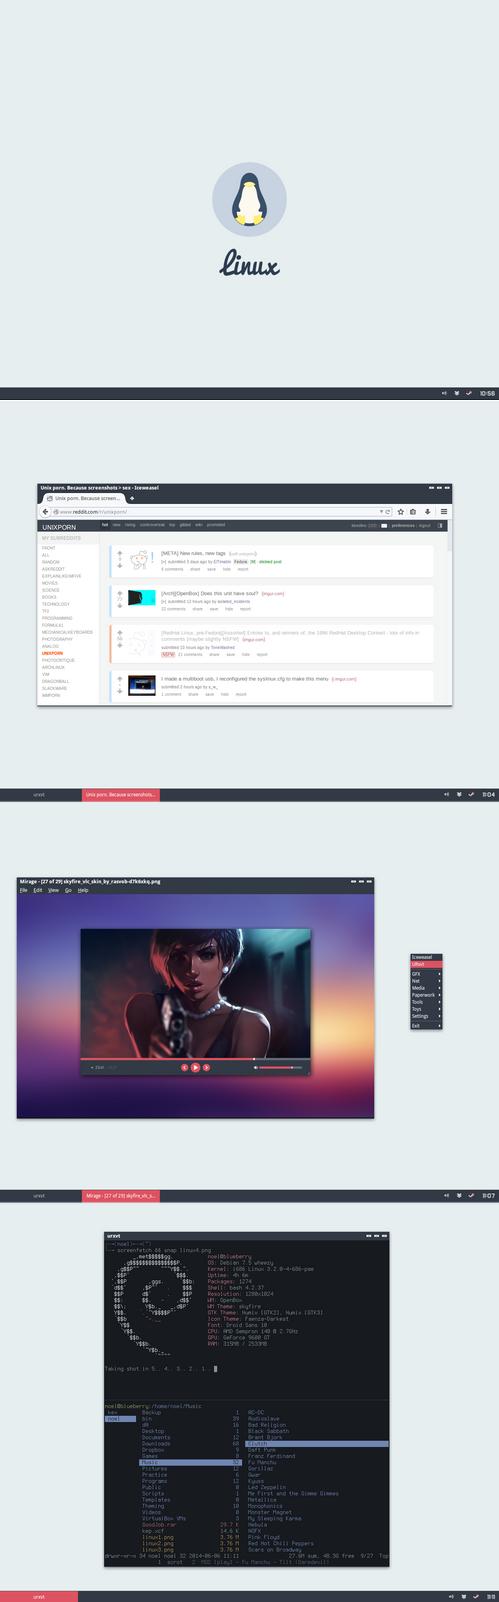 Skyfire Linux Desktop by kexolino